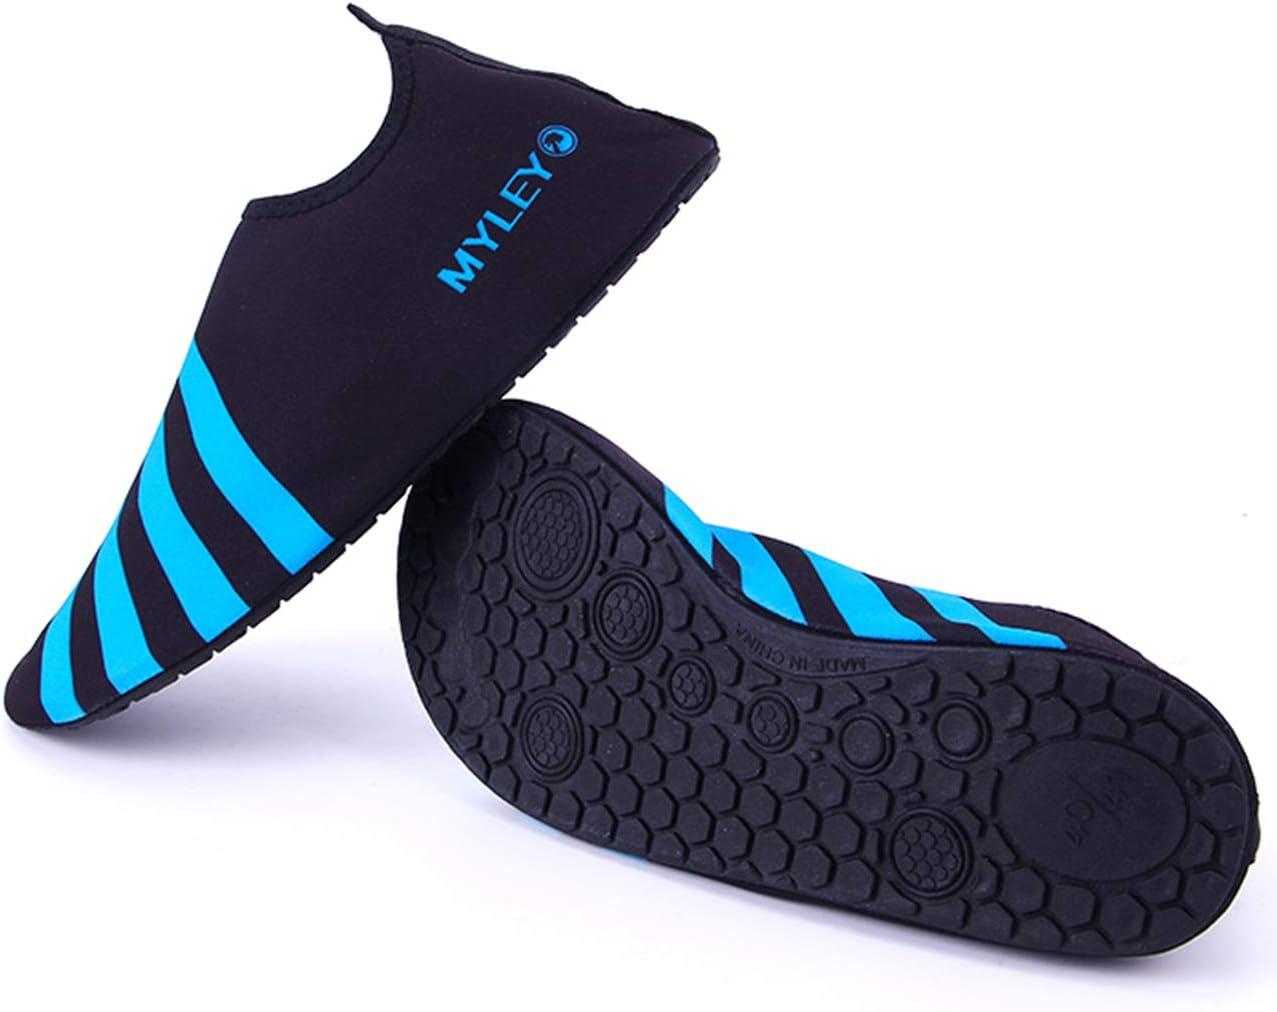 QXue Chaussures de Sport Nautique Pieds Nus à séchage Rapide Aqua Yoga Chaussettes Slip-on pour Hommes Femmes Enfants Pink